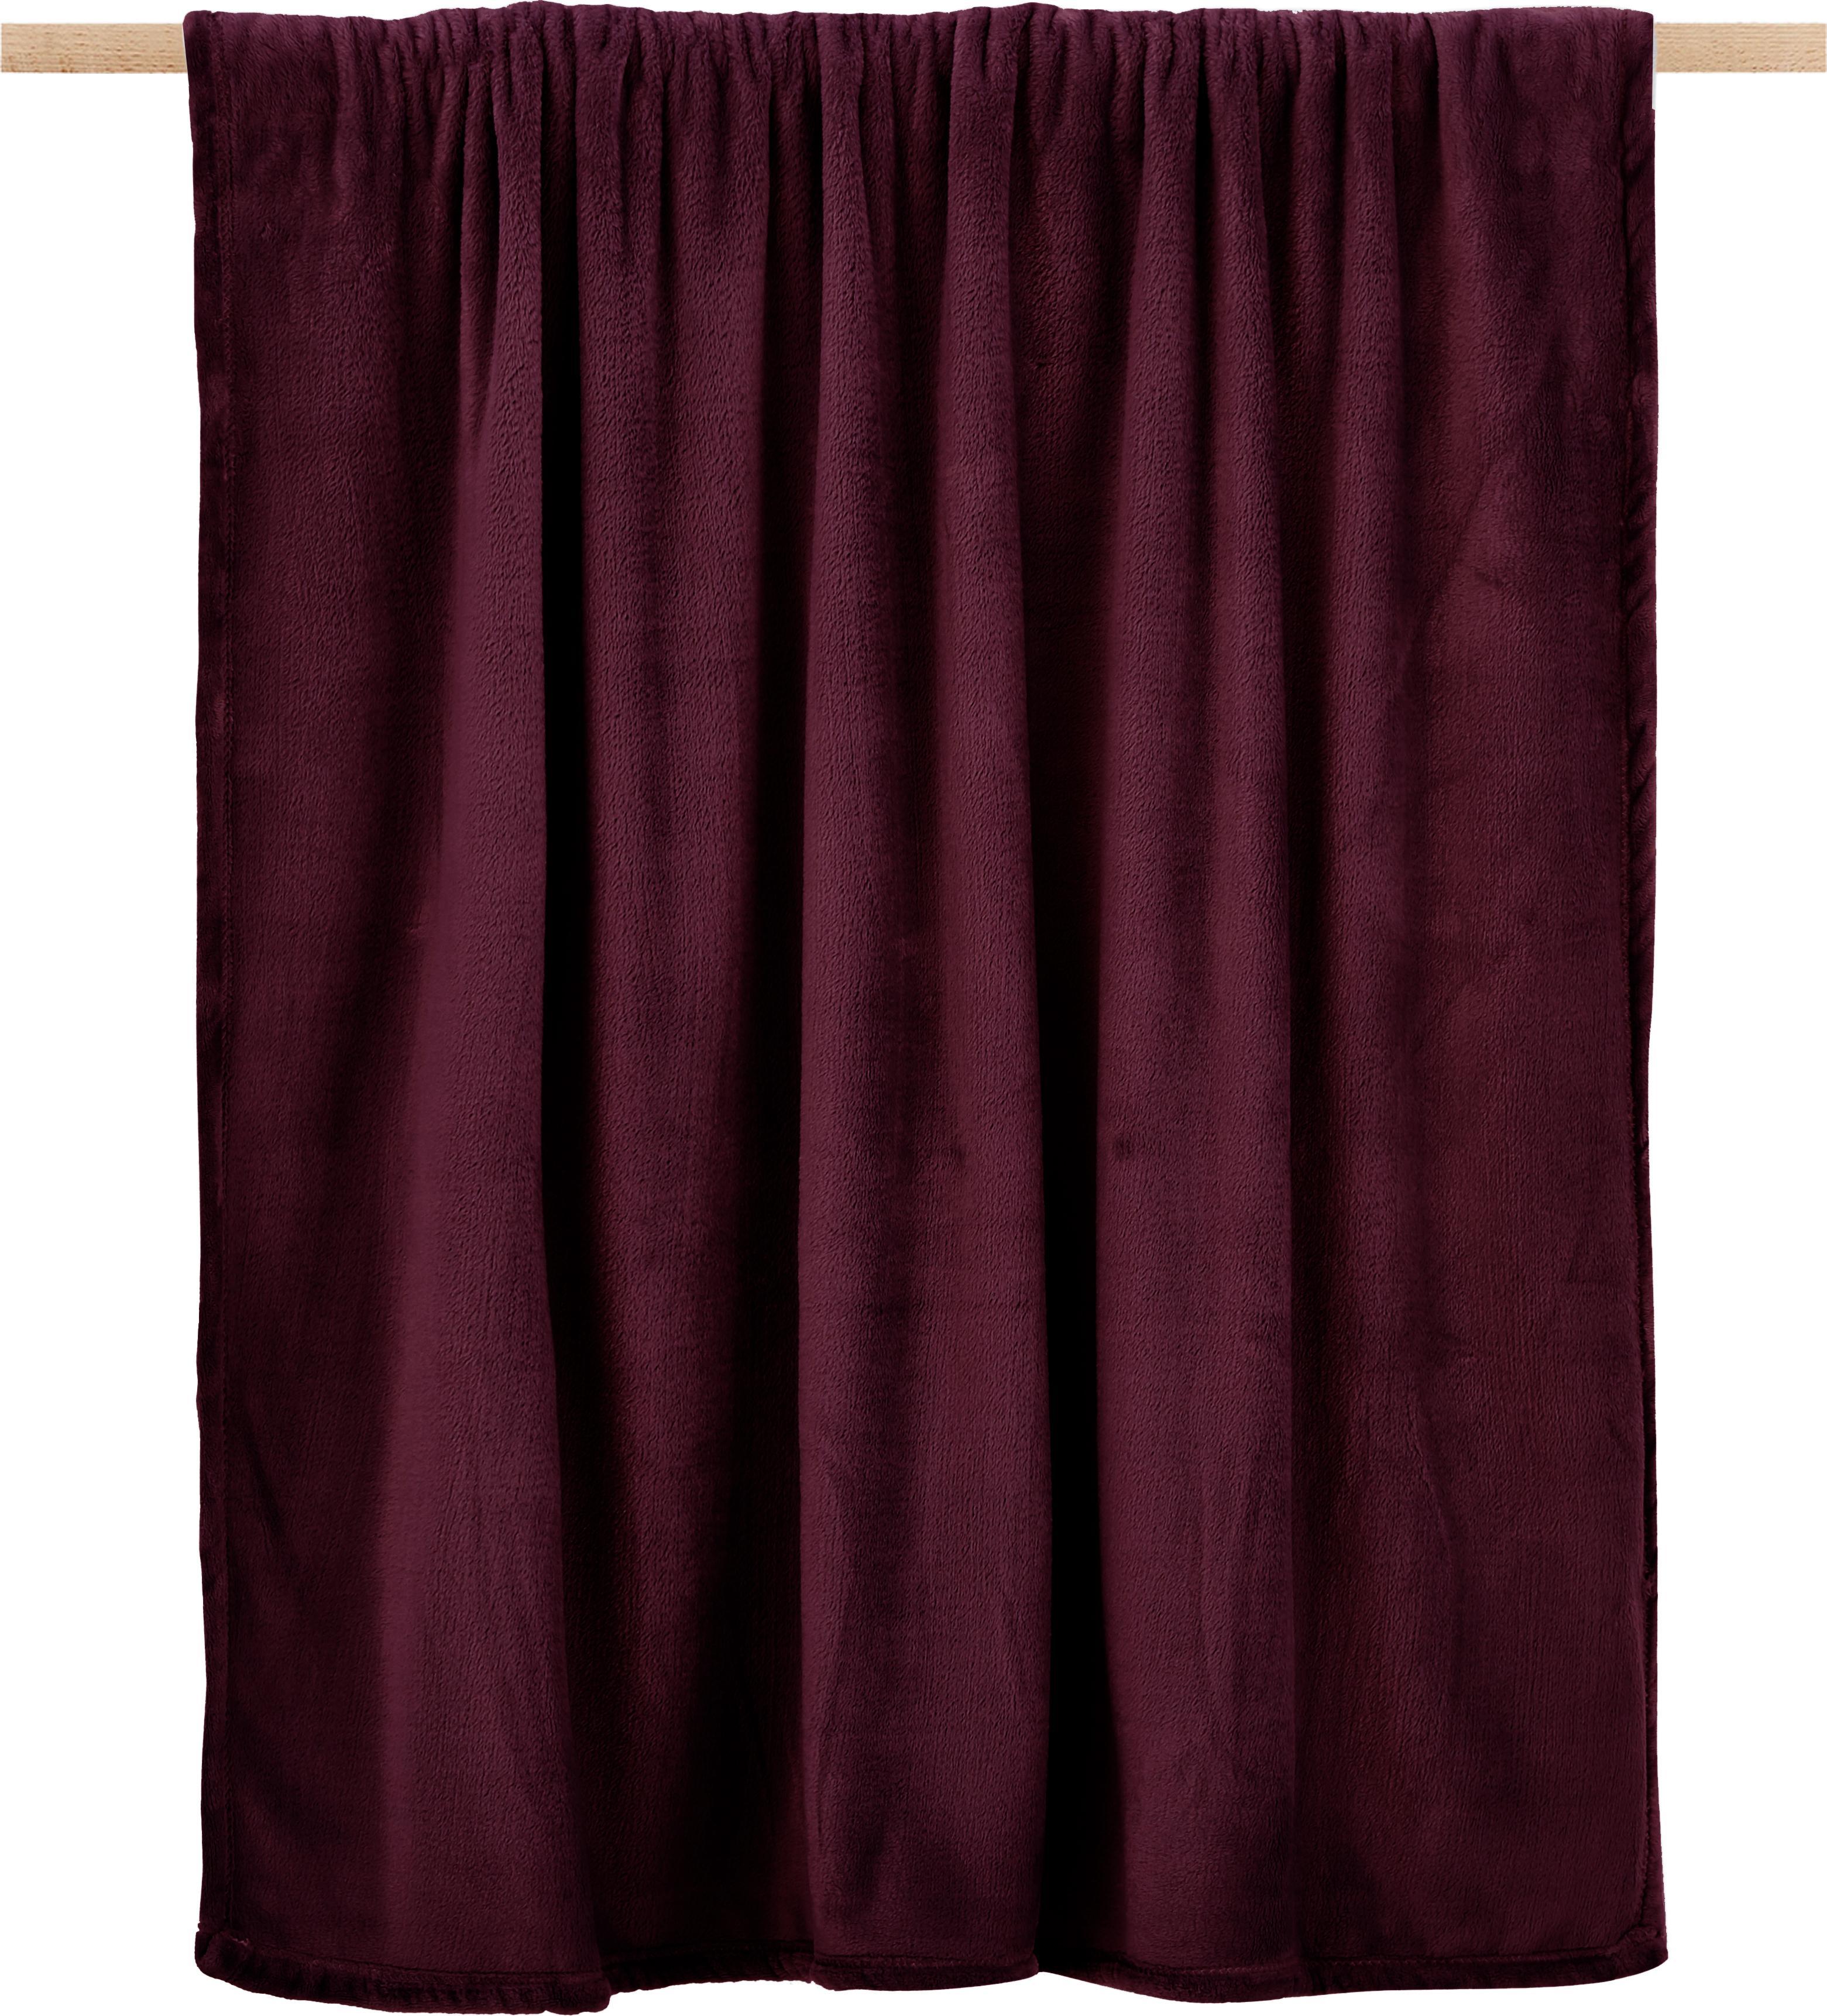 Manta de tela polar Doudou, 100%poliéster, Color vino, An 125 x L 160 cm